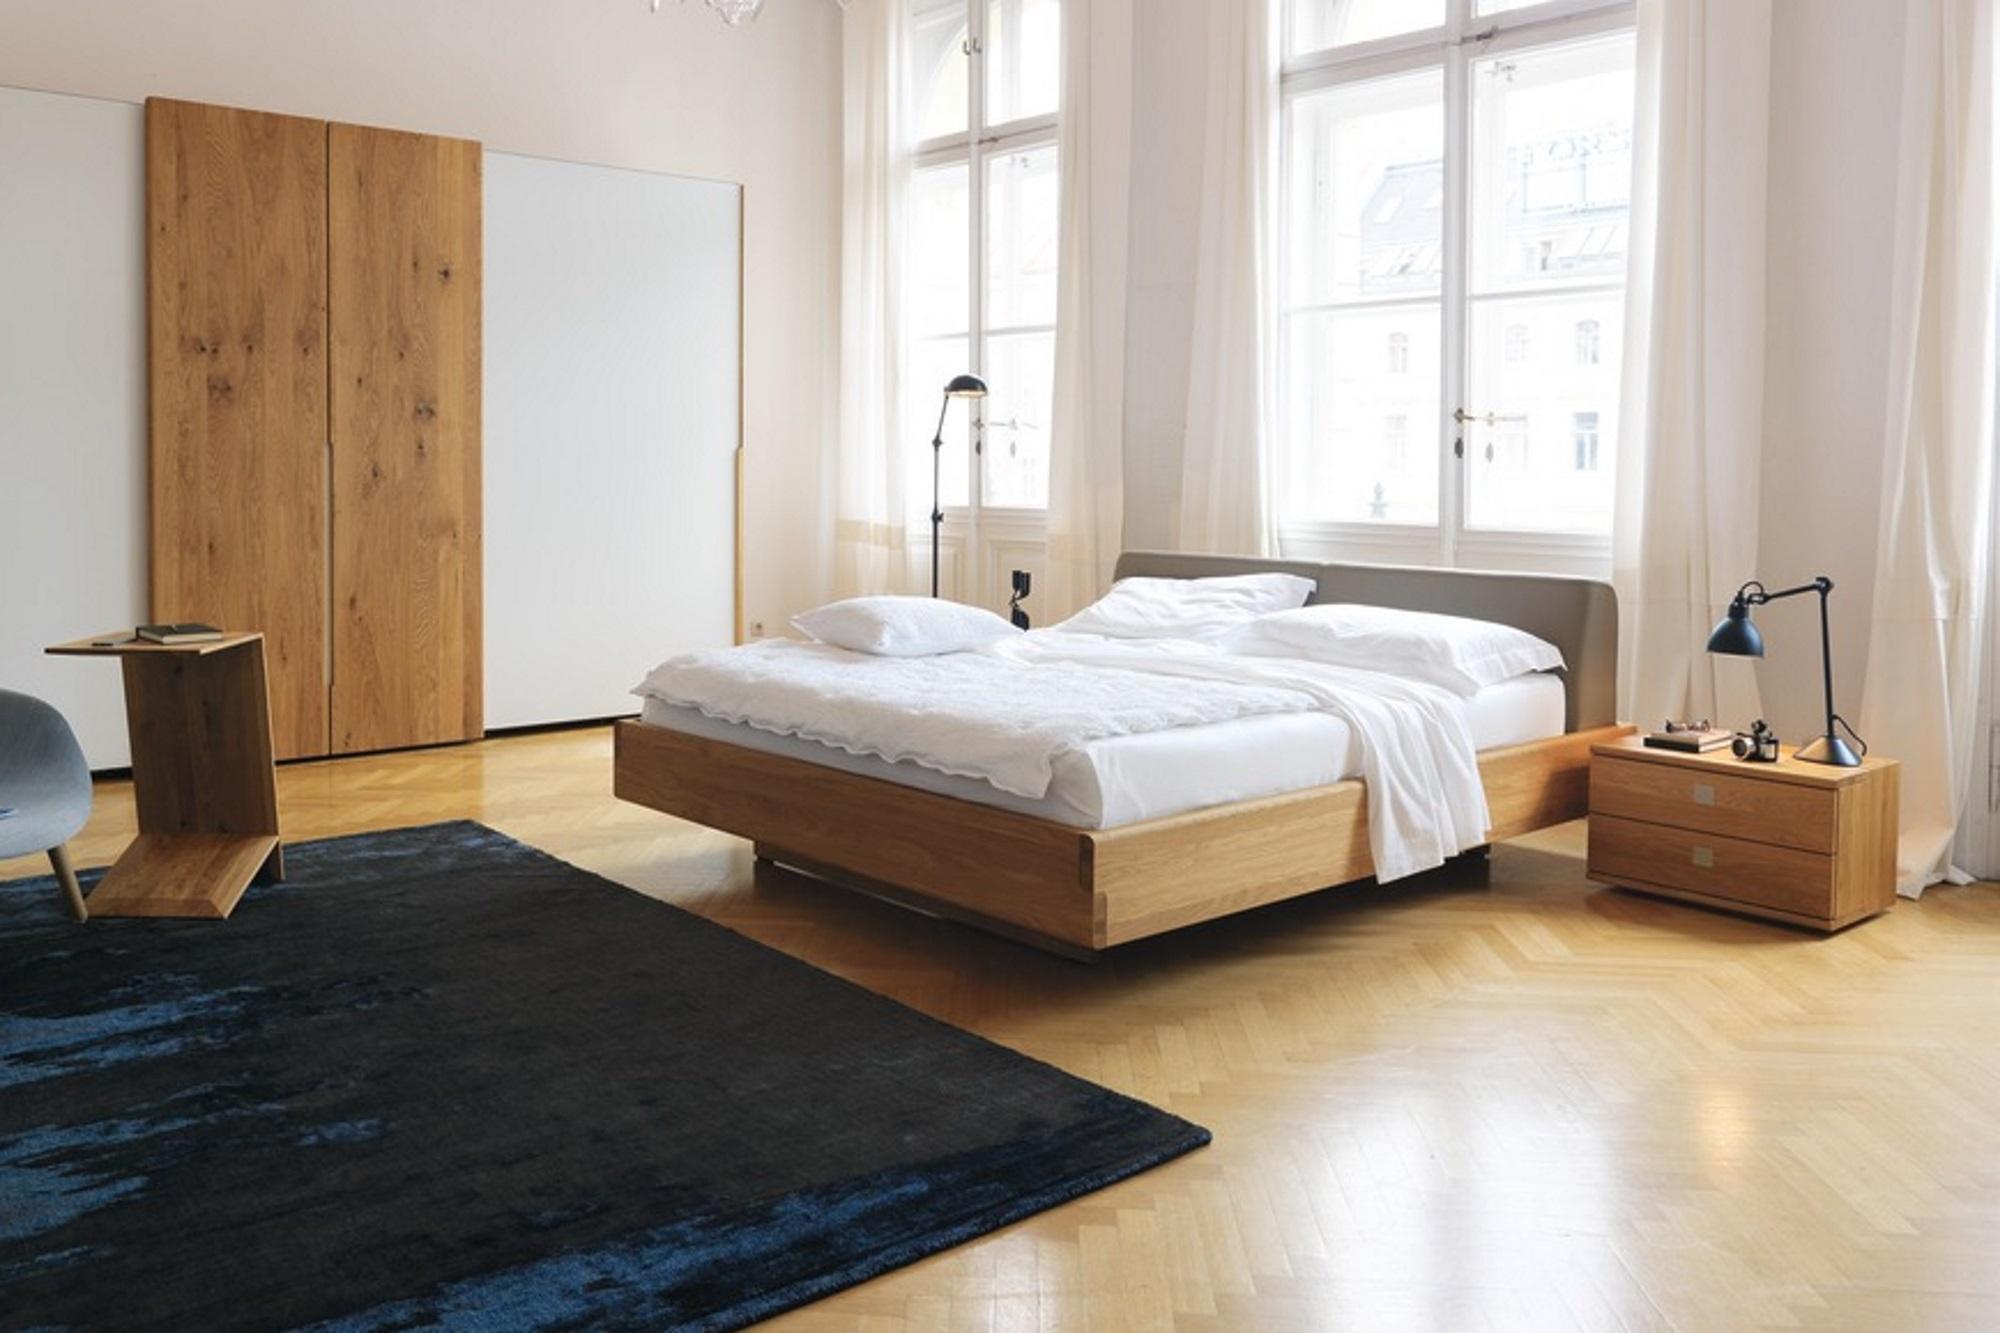 schlafzimmer nox biom bel bonn. Black Bedroom Furniture Sets. Home Design Ideas